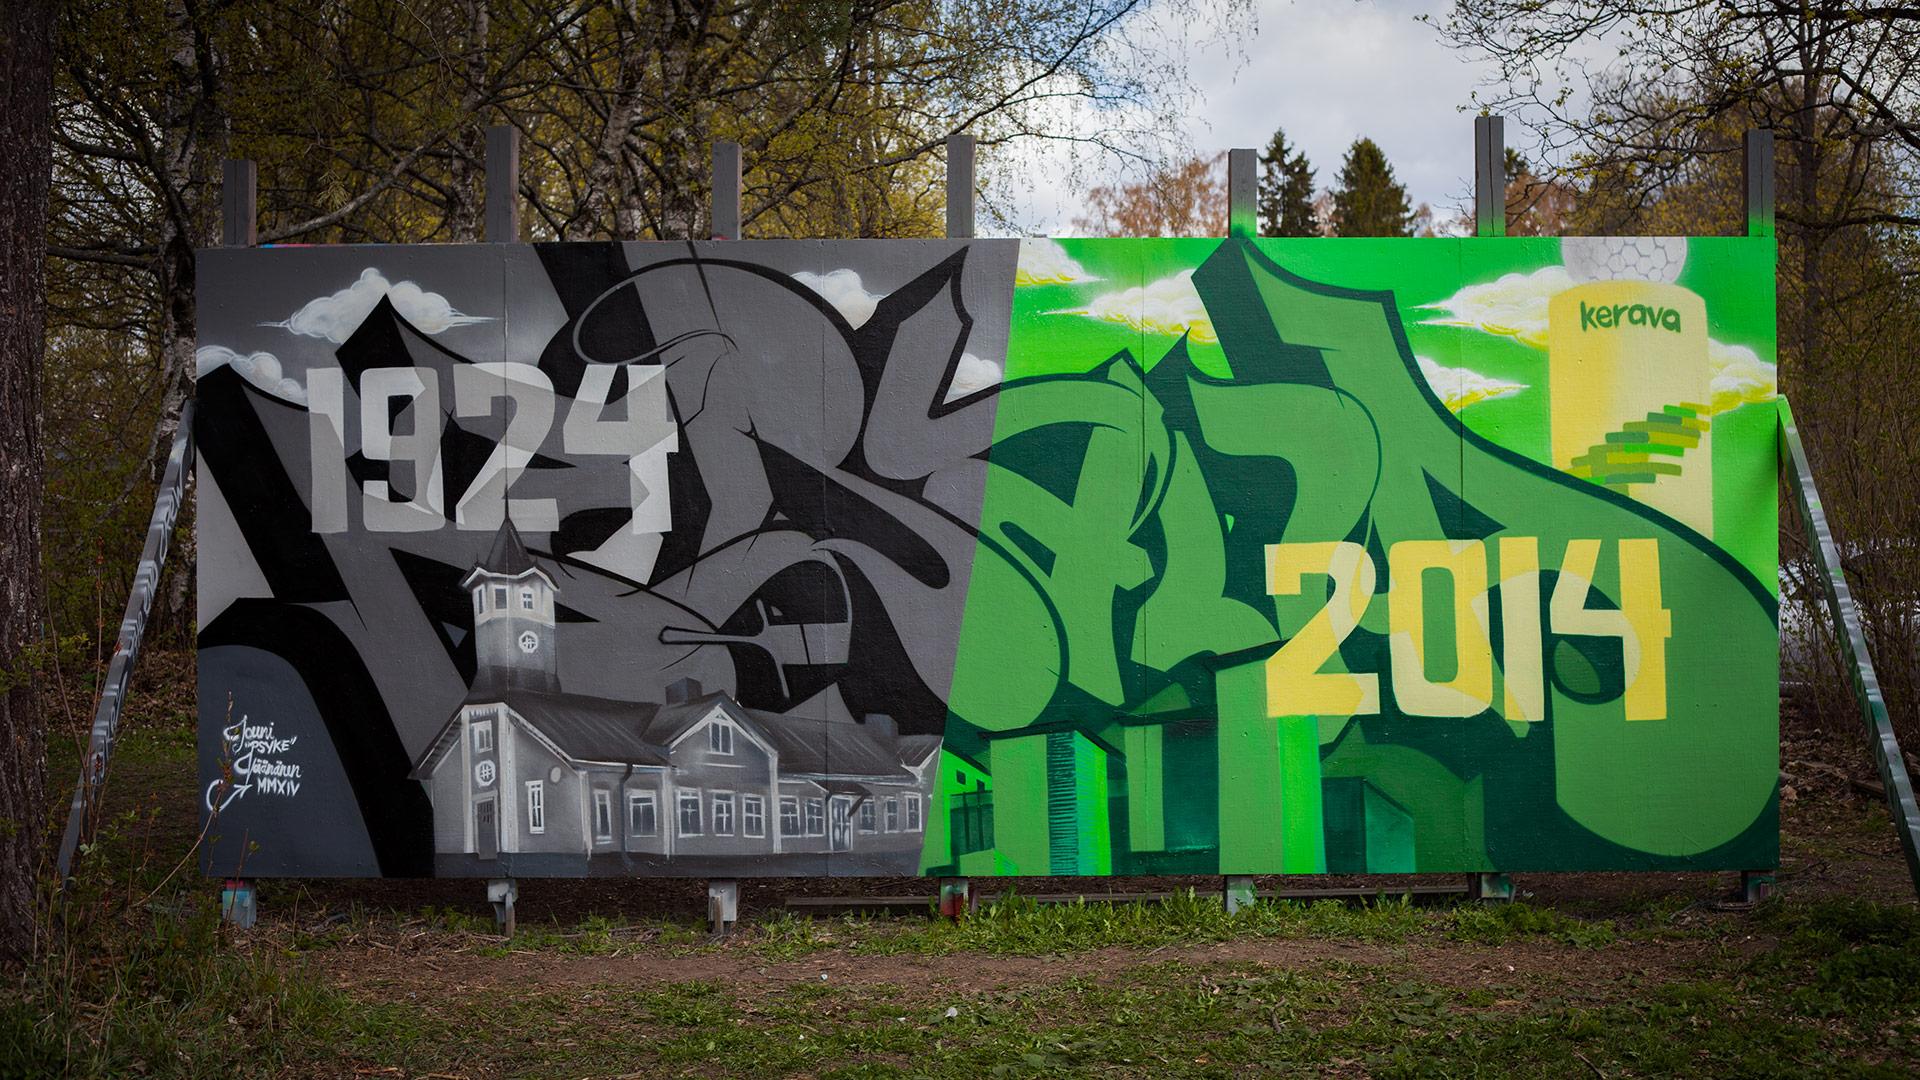 1924 Kerava 2014